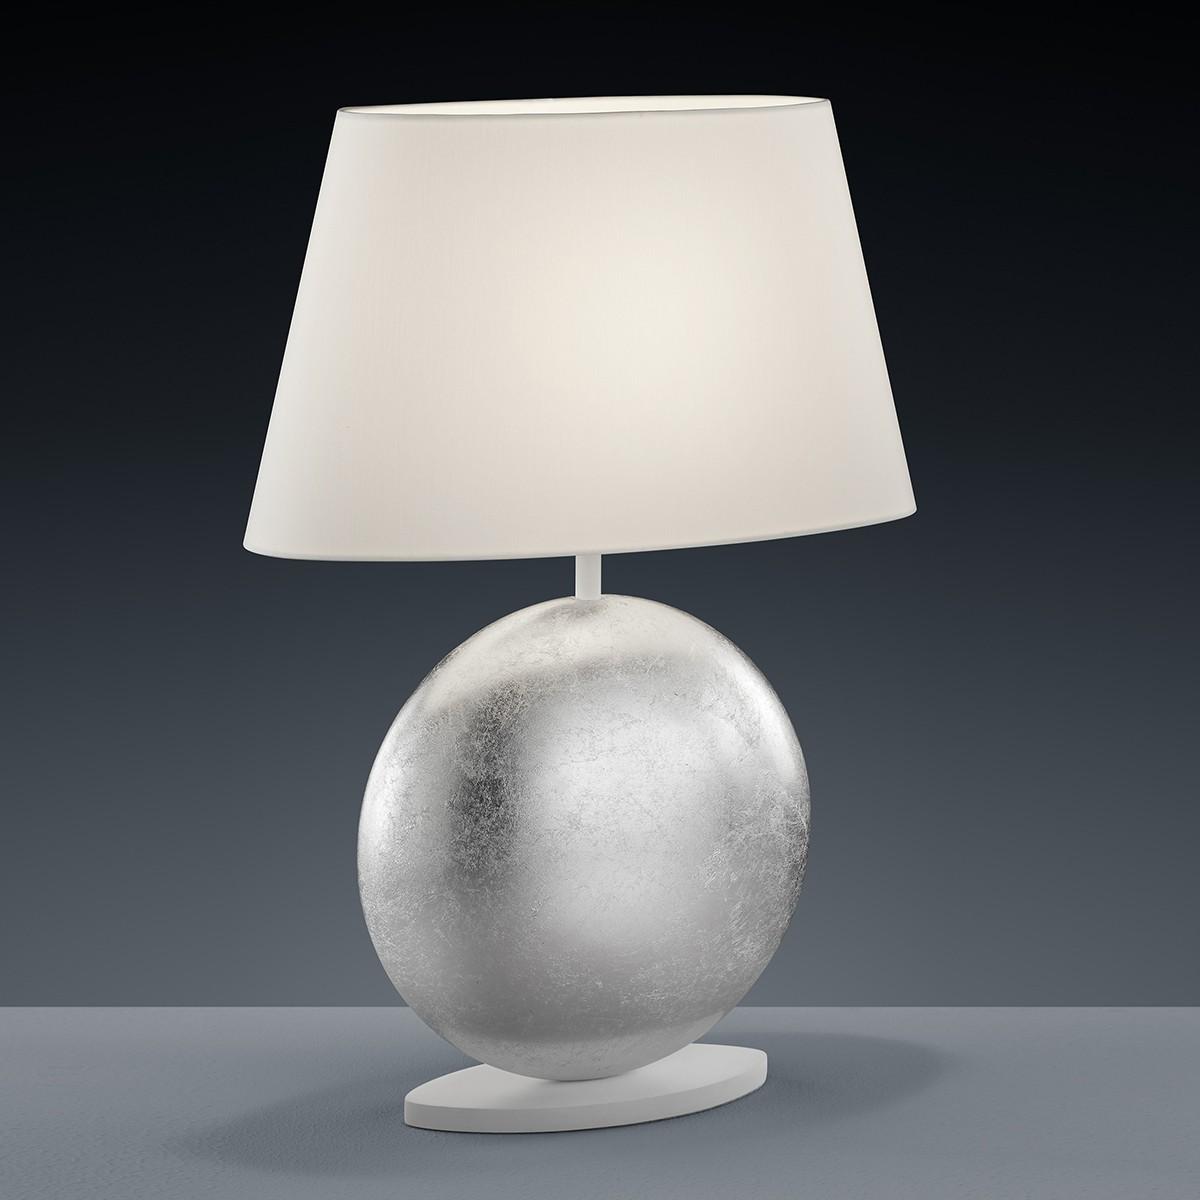 Luce Elevata Mali Tischleuchte 36 x 16 cm, Blattsilberoptik - weiß